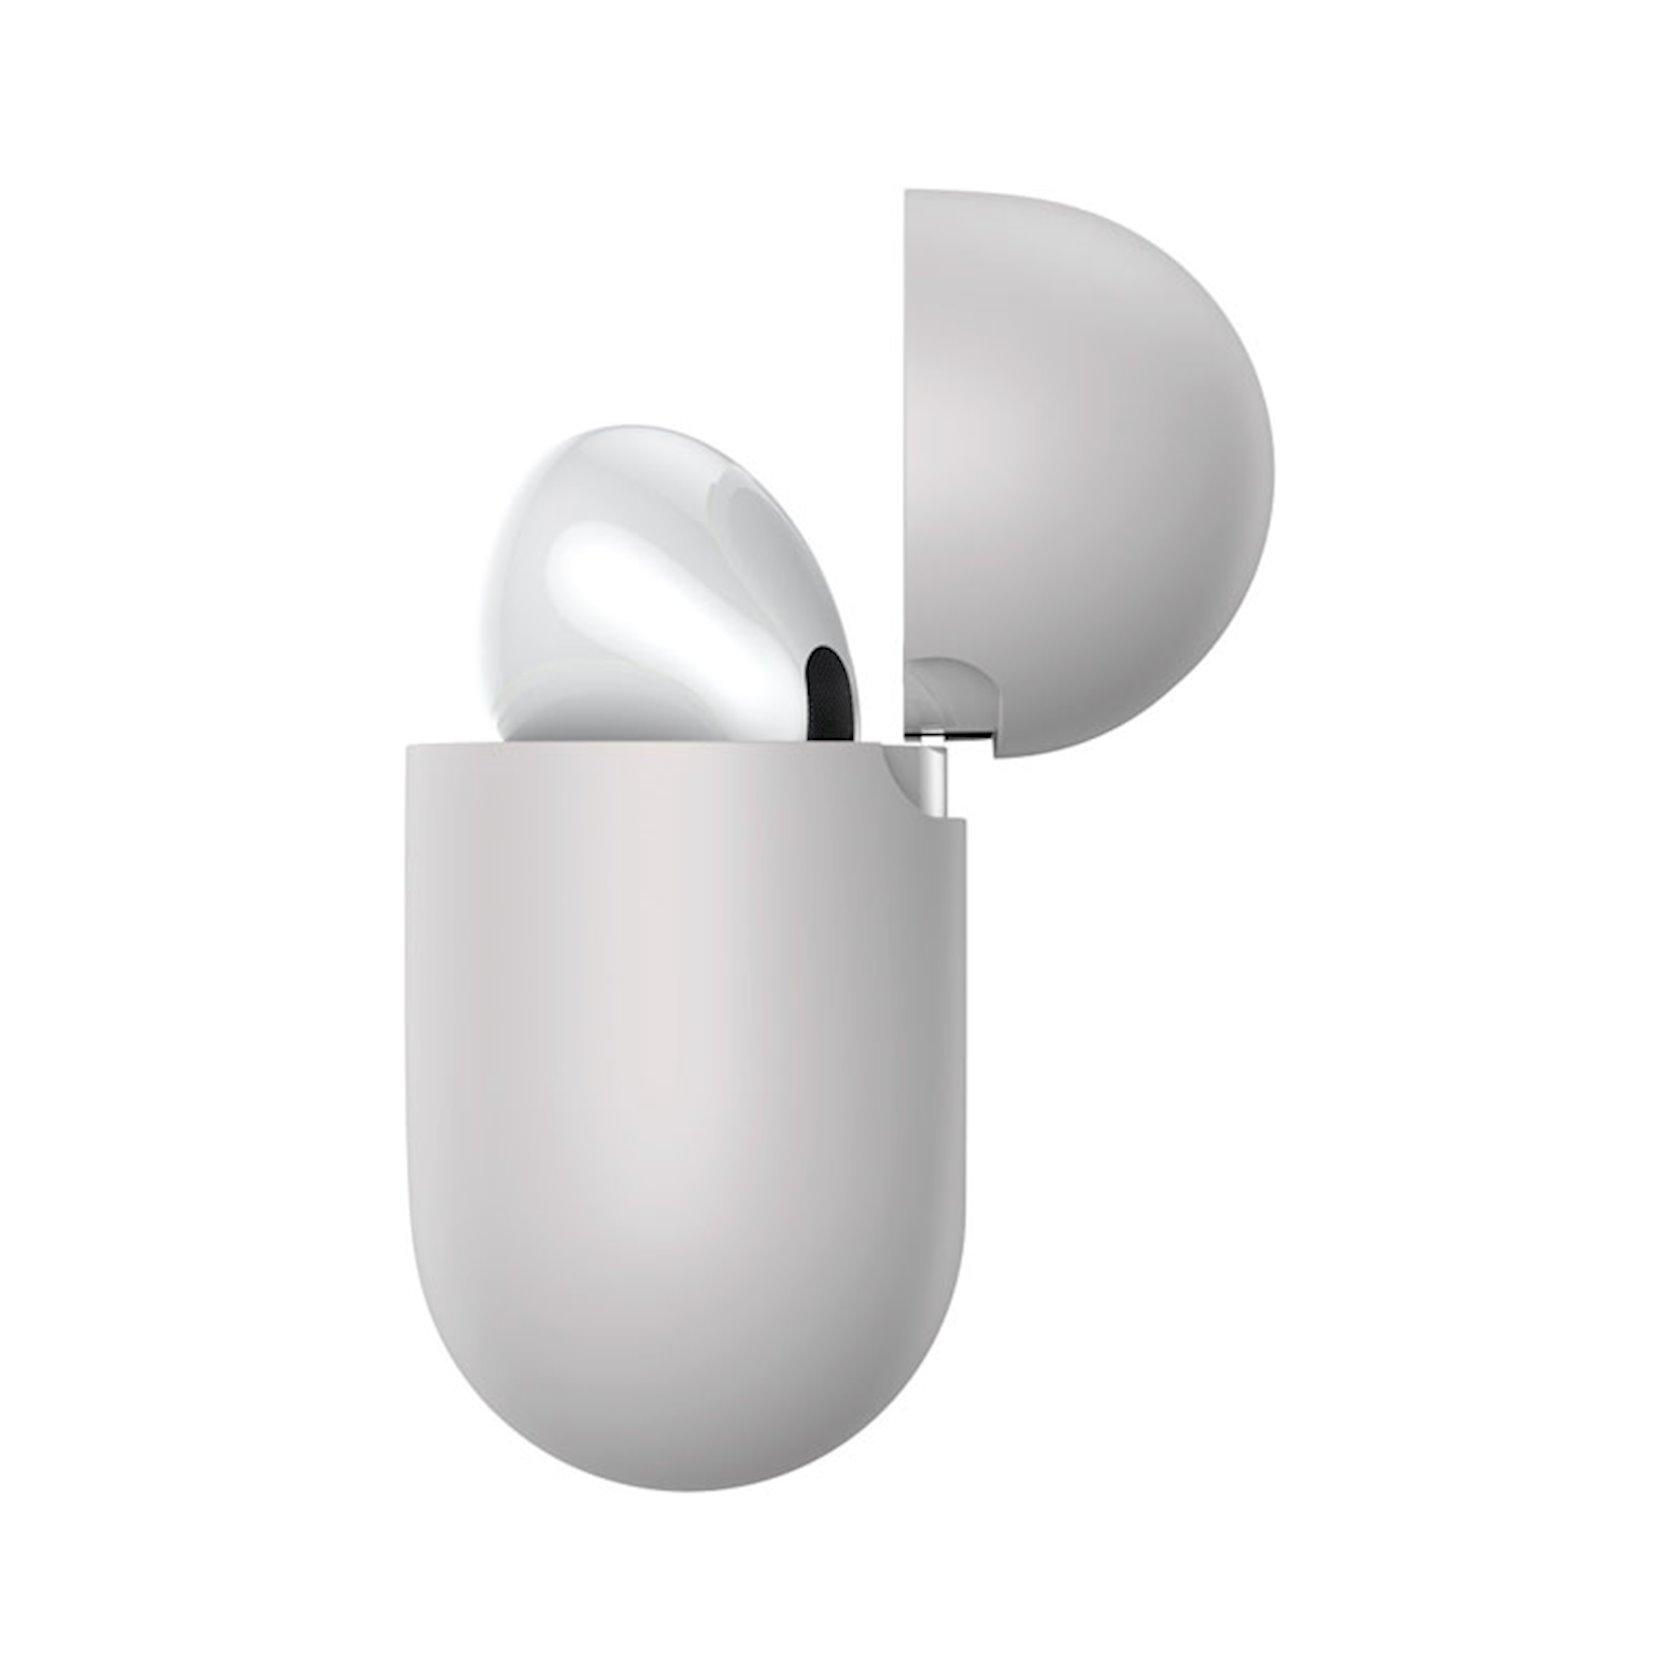 Çexol qulaqlıqlar üçün Baseus Super Thin Grey Apple Airpods Pro